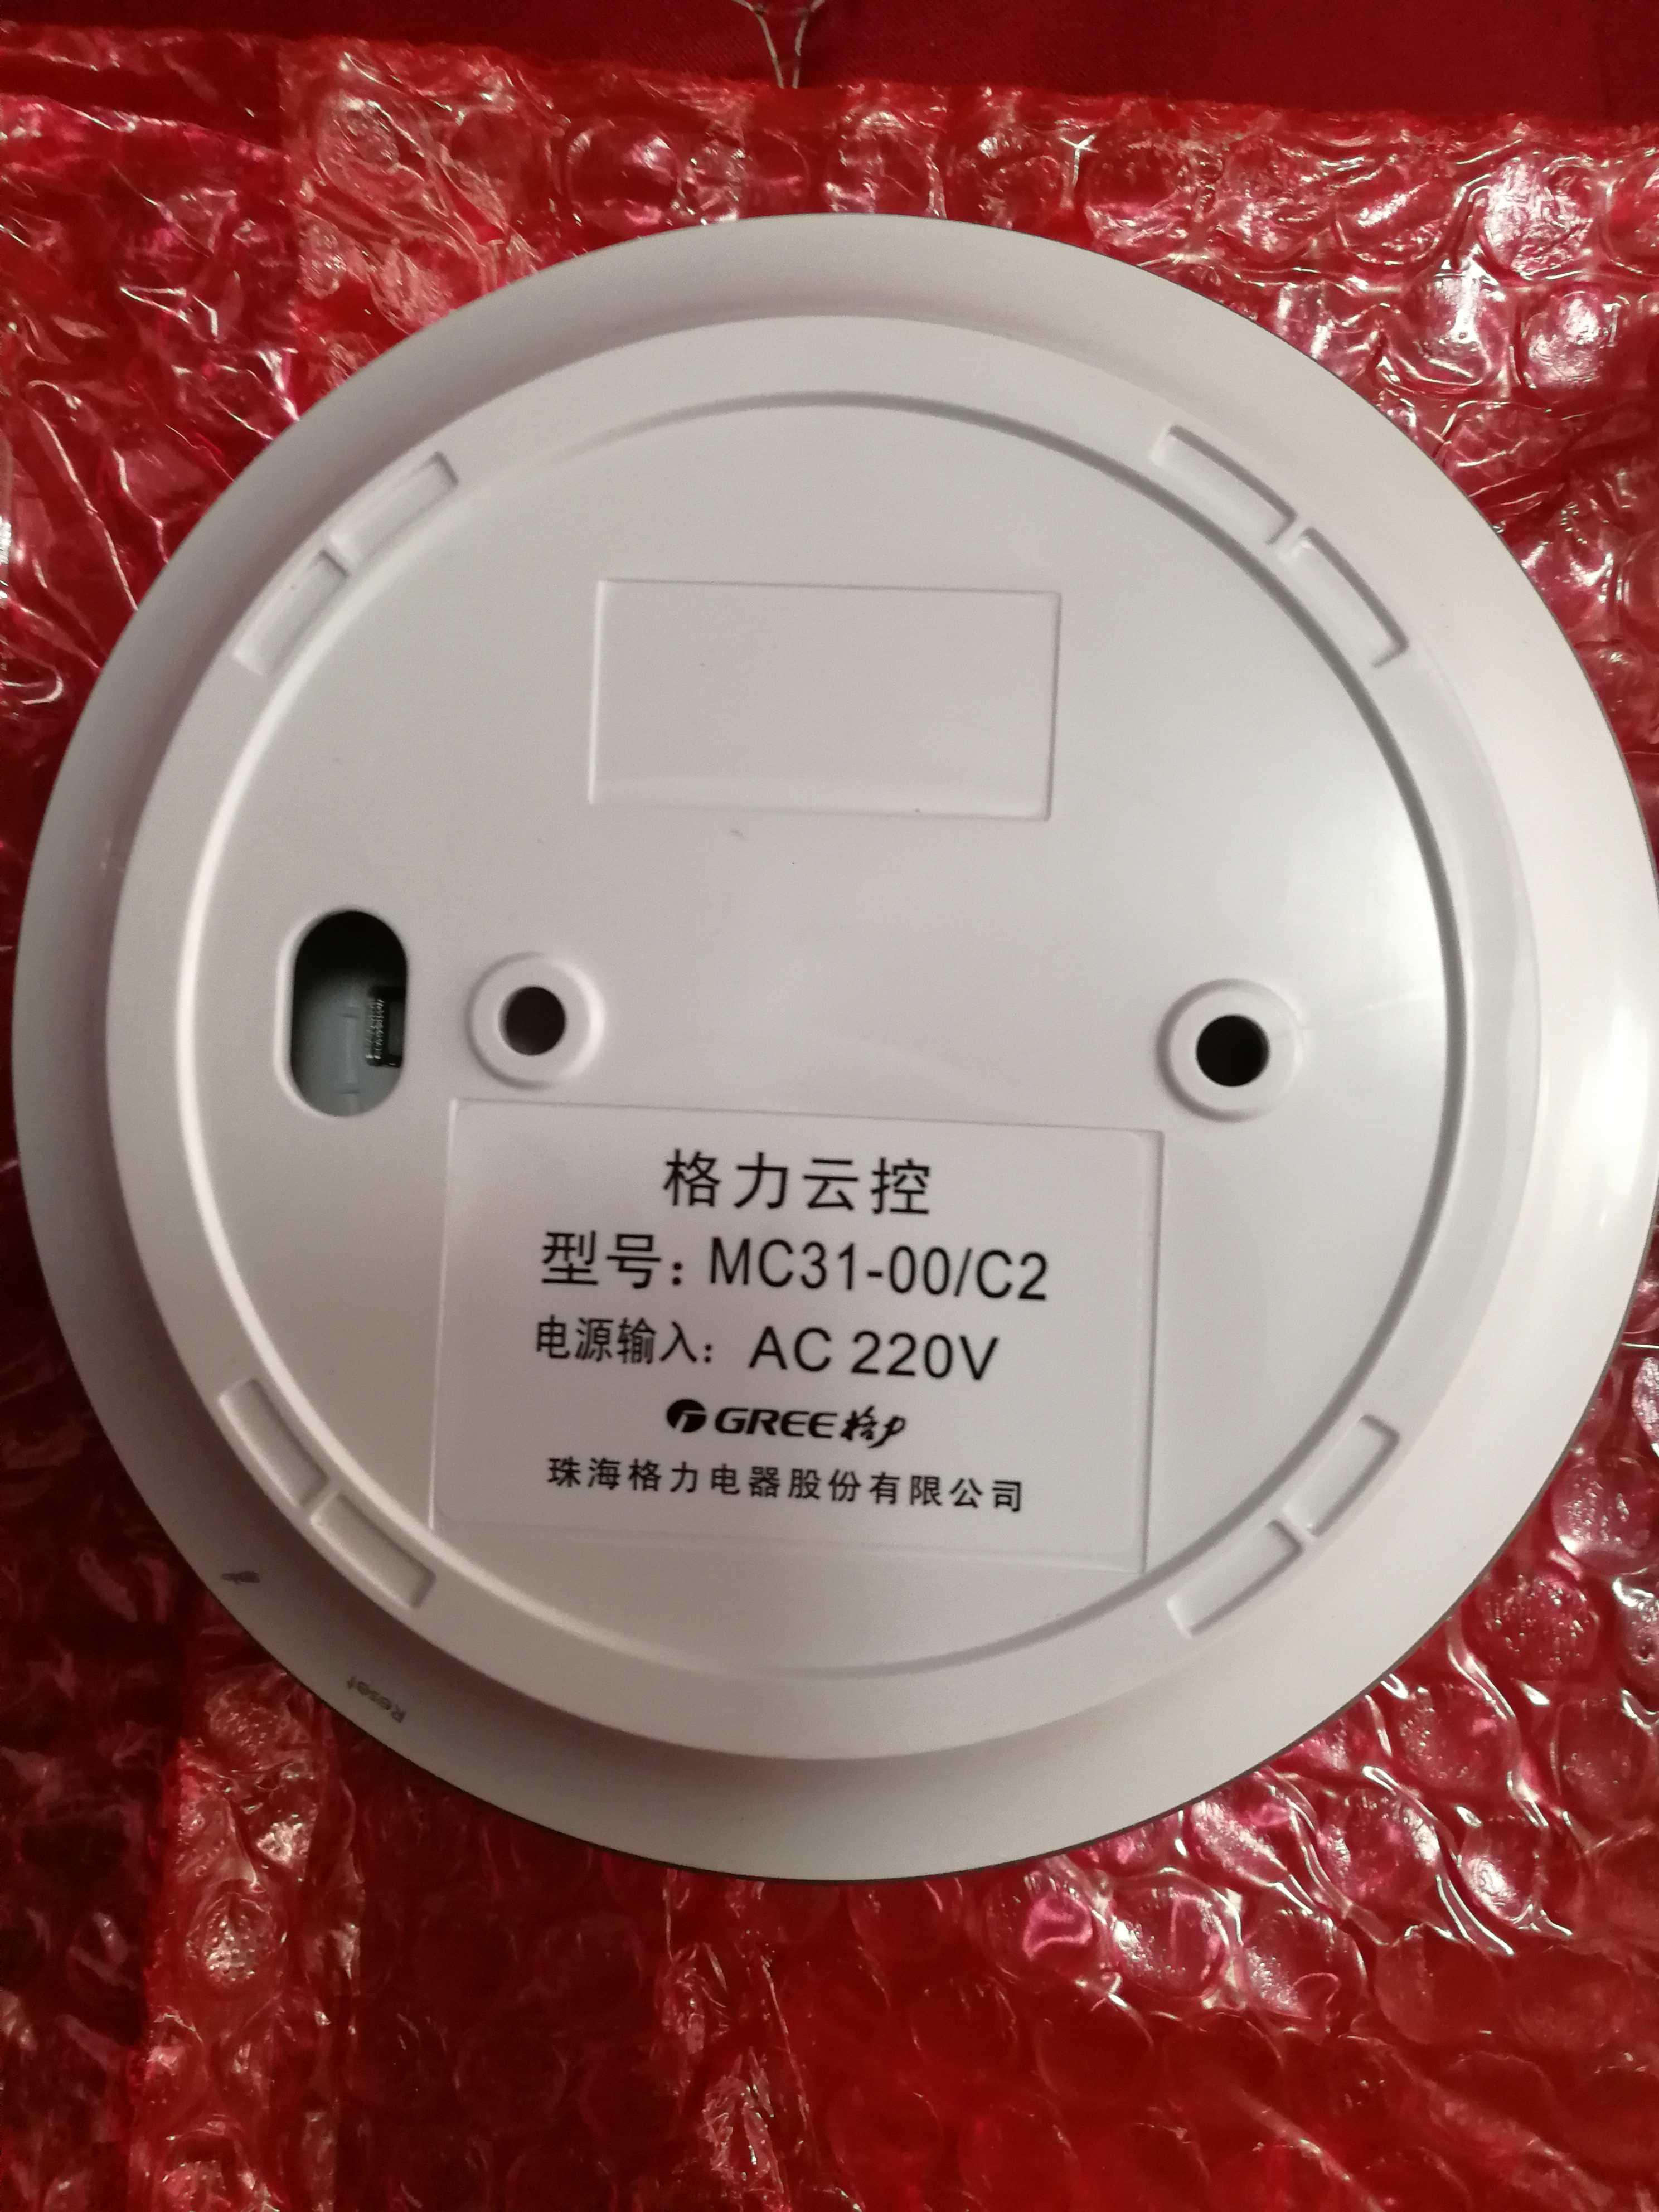 新しい規格品代購グリコ中央エアコン雲控MC31-00 / C 2五代目多オンラインWiFi